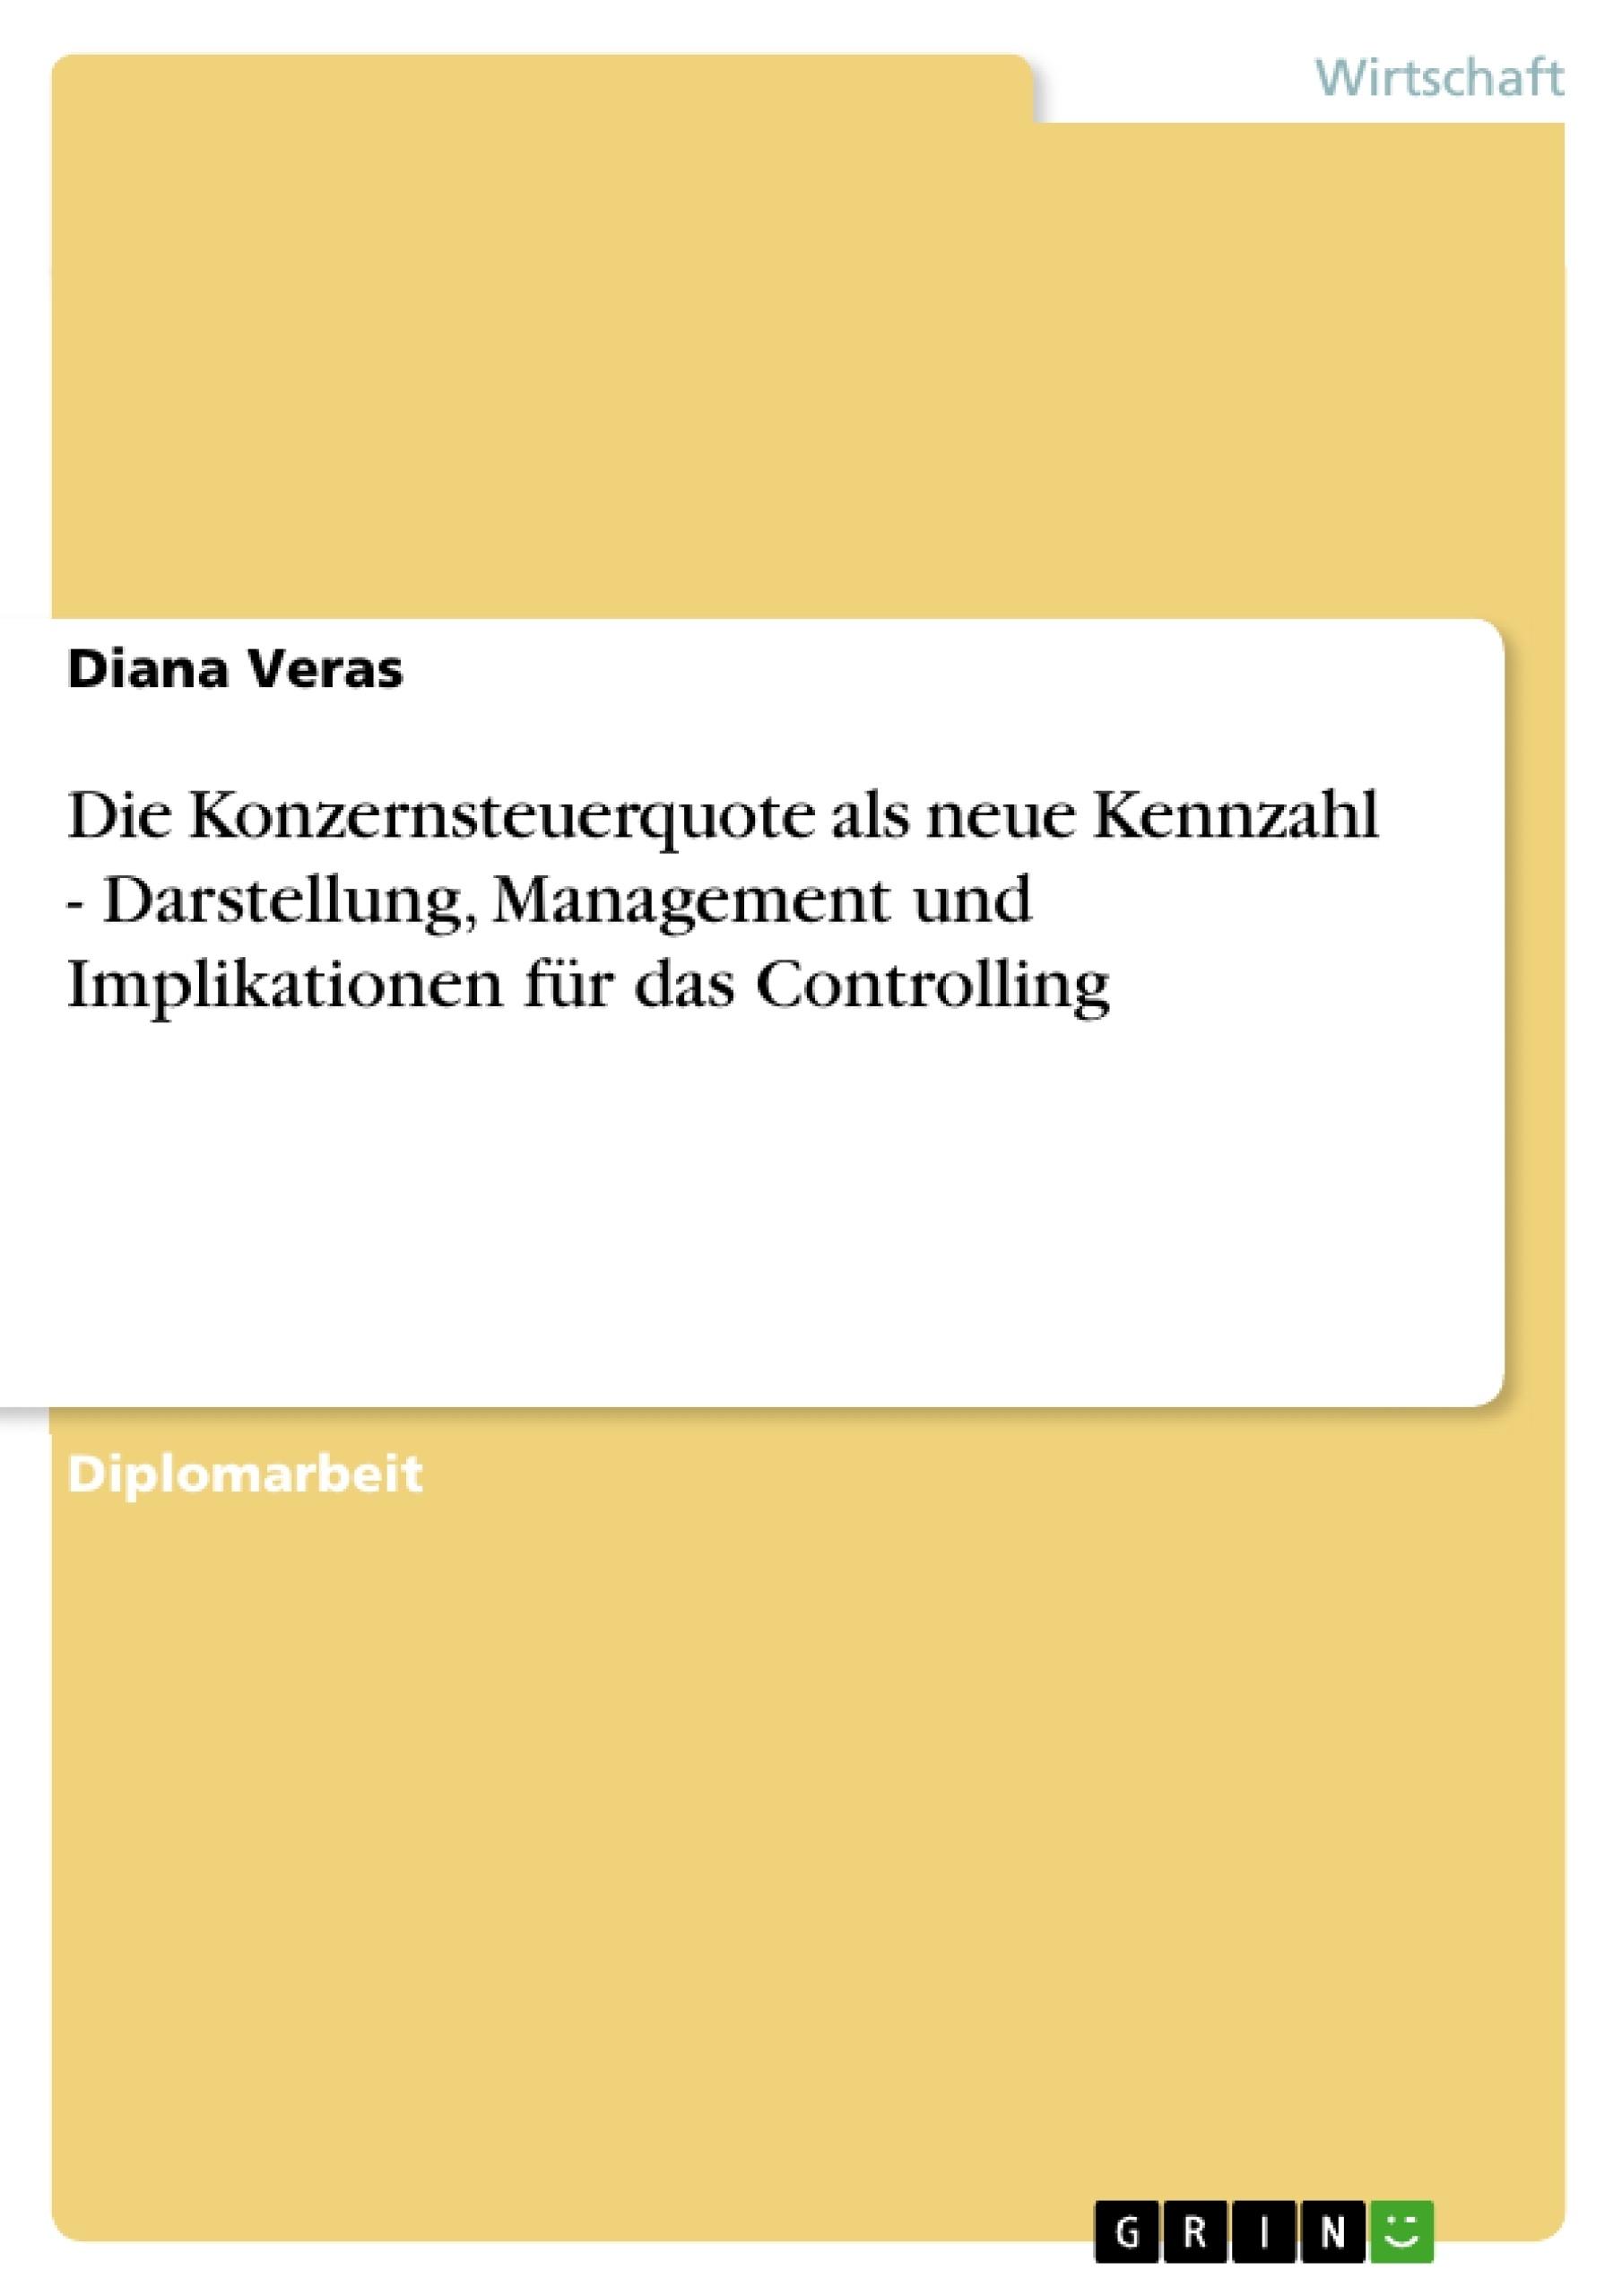 Titel: Die Konzernsteuerquote als neue Kennzahl - Darstellung, Management und Implikationen für das Controlling